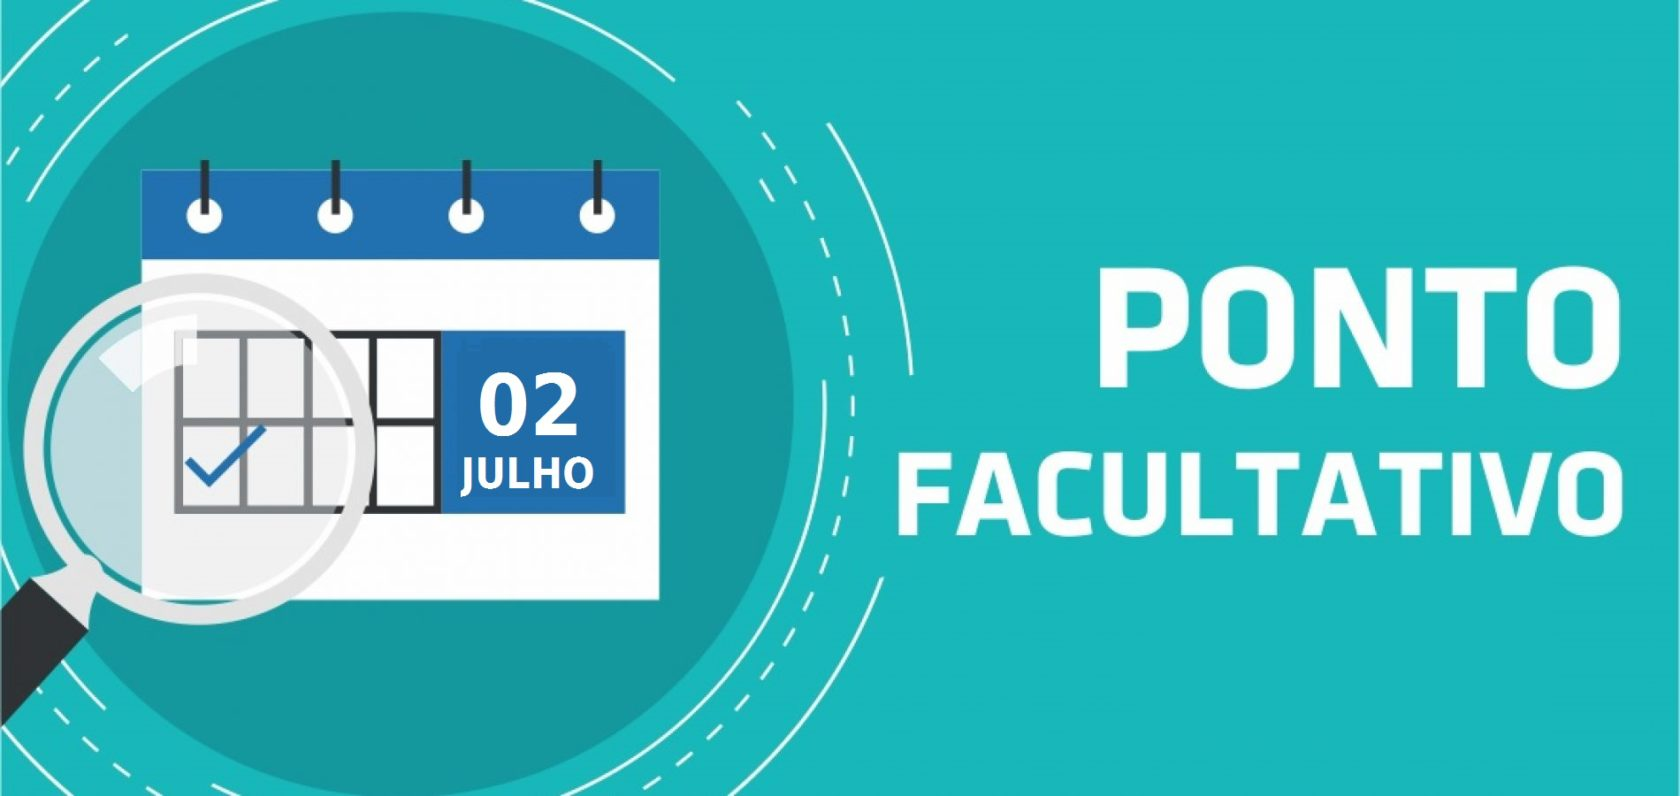 Prefeitura de Itararé (SP) decreta ponto facultativo na próxima segunda-feira (02)